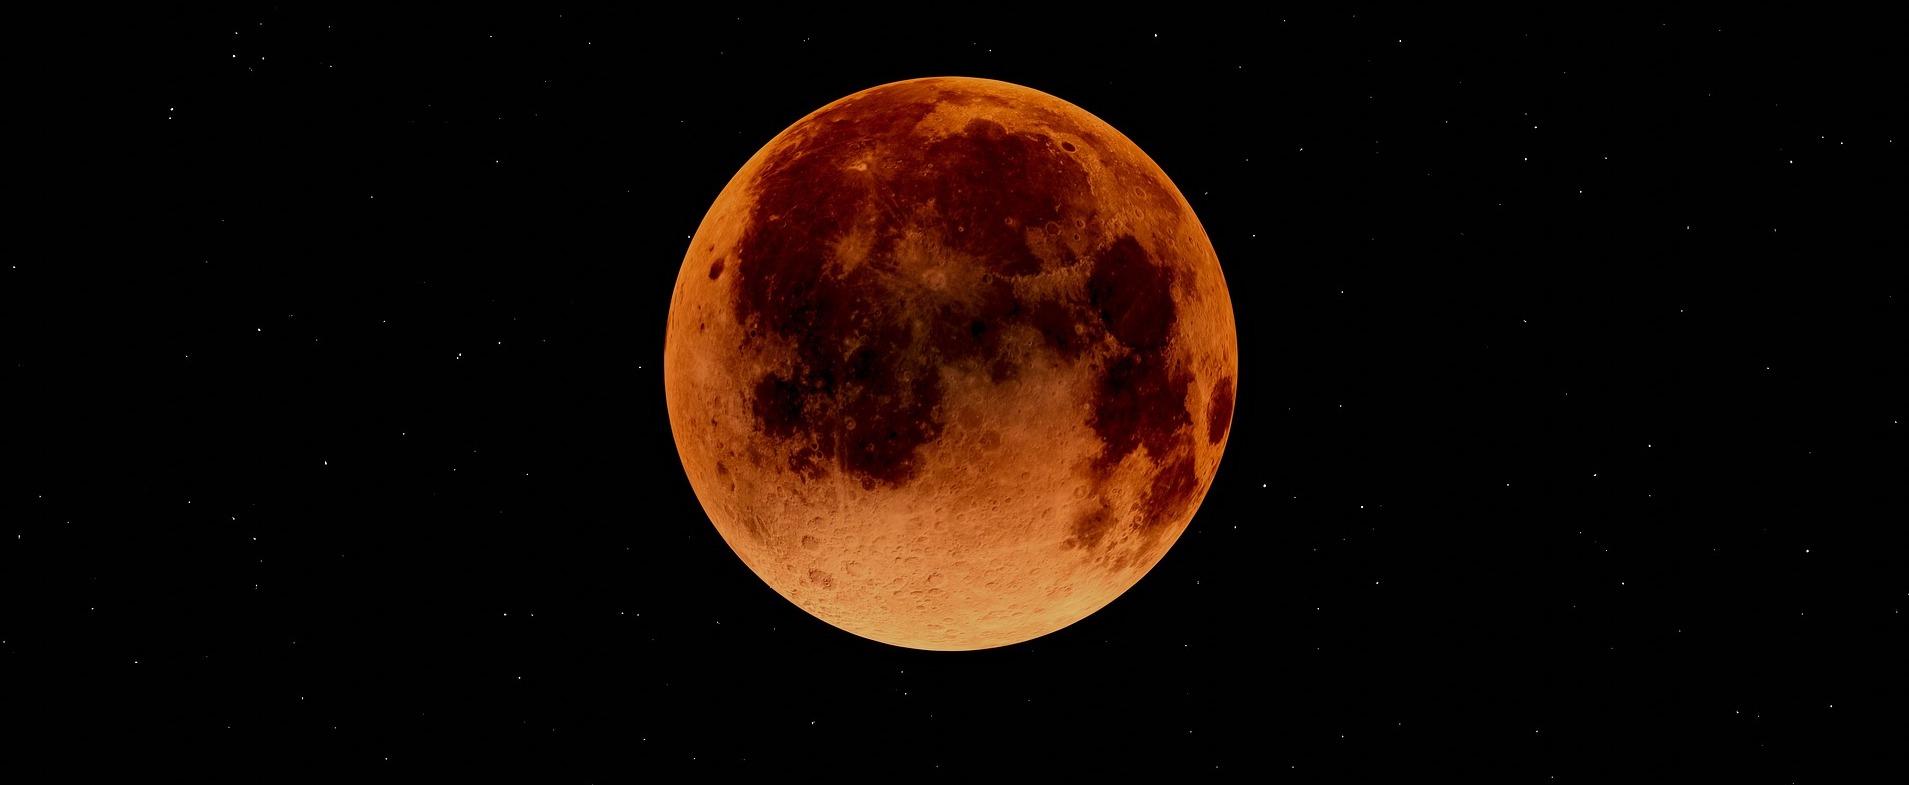 blood-moon-3949272_1920 pixabay crop